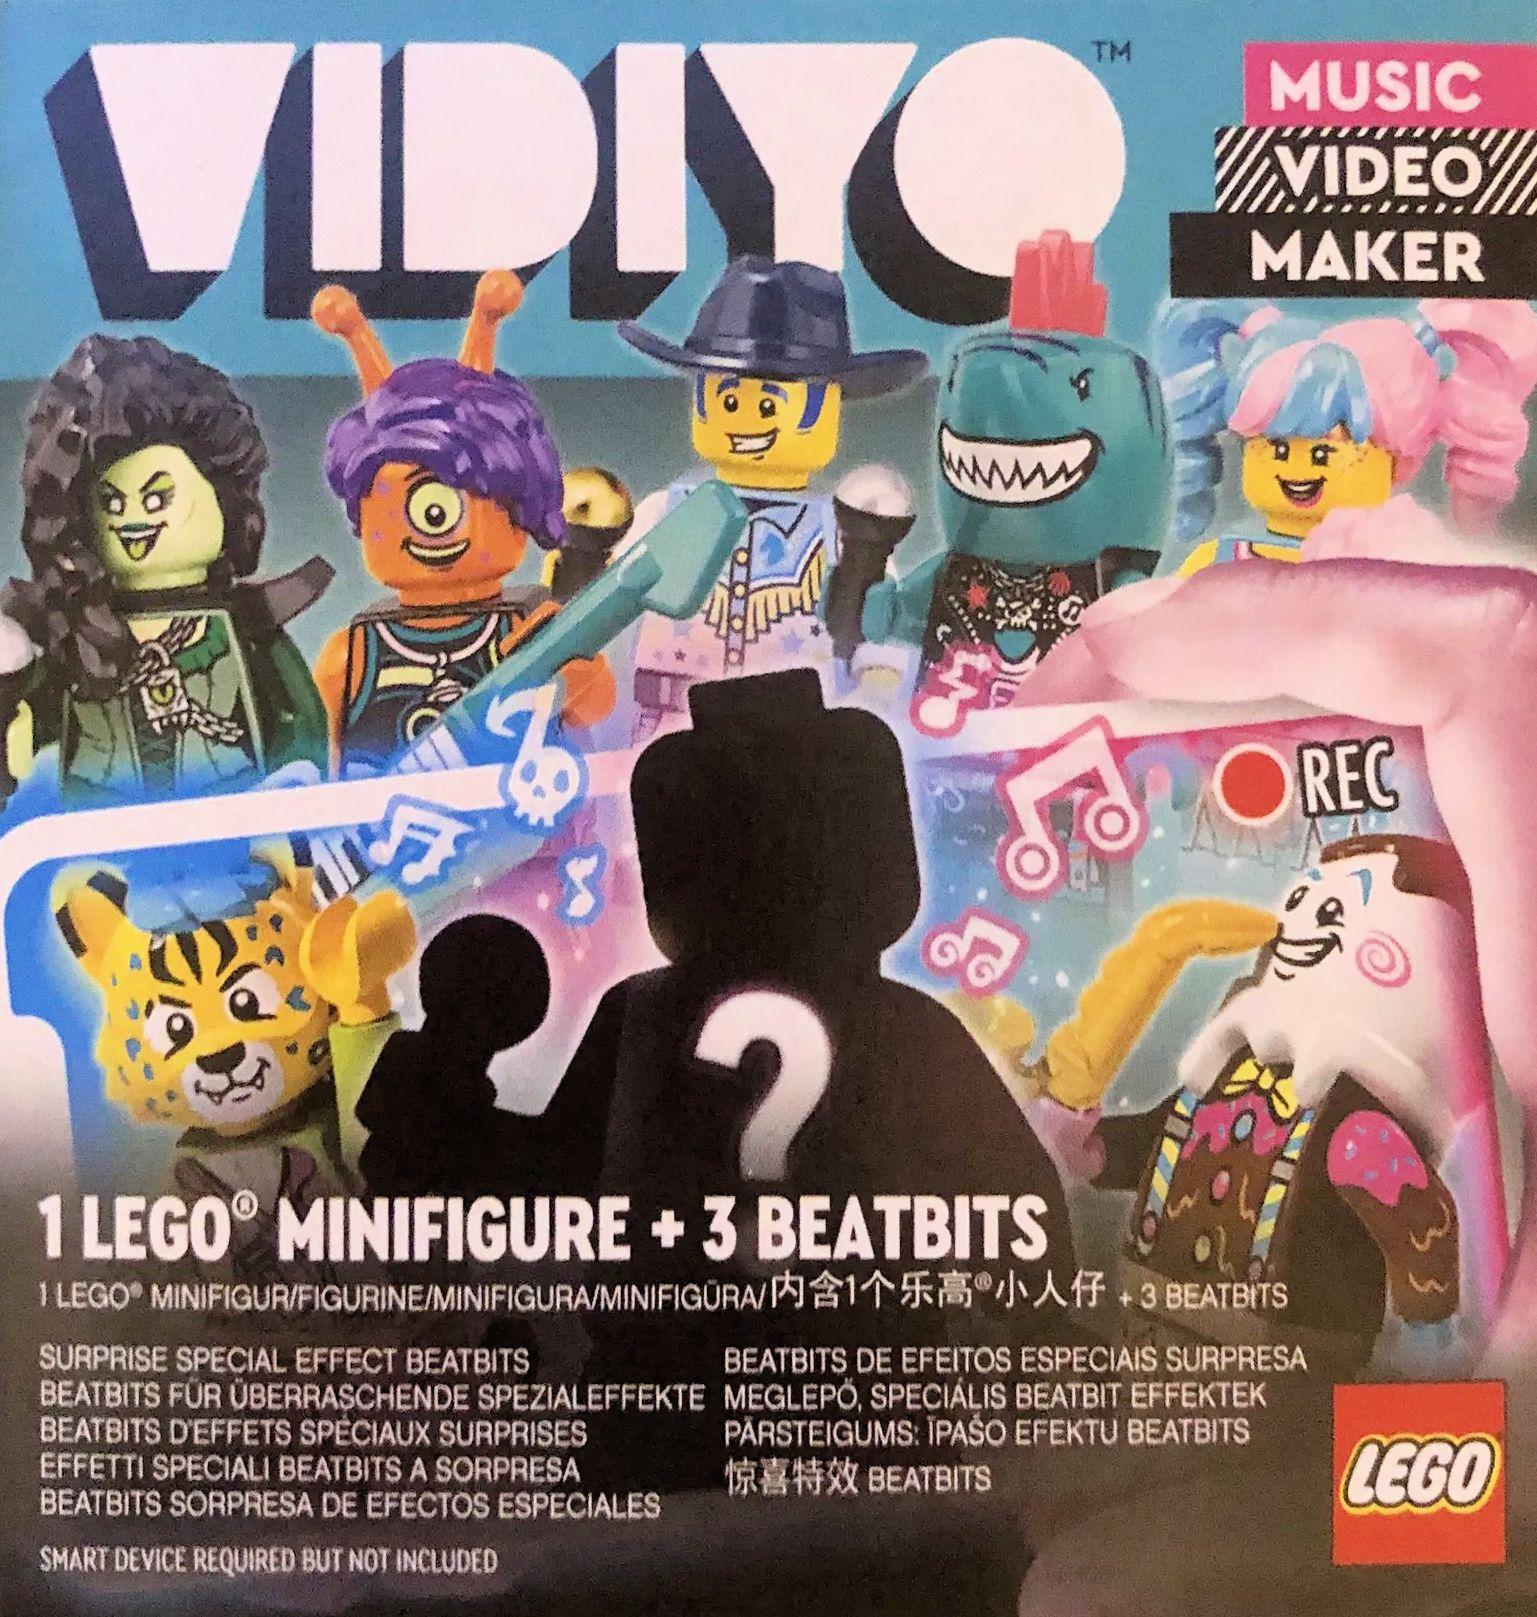 レゴ音楽シリーズVIDIYOからミニフィグセットバンドメート発売?(2021)